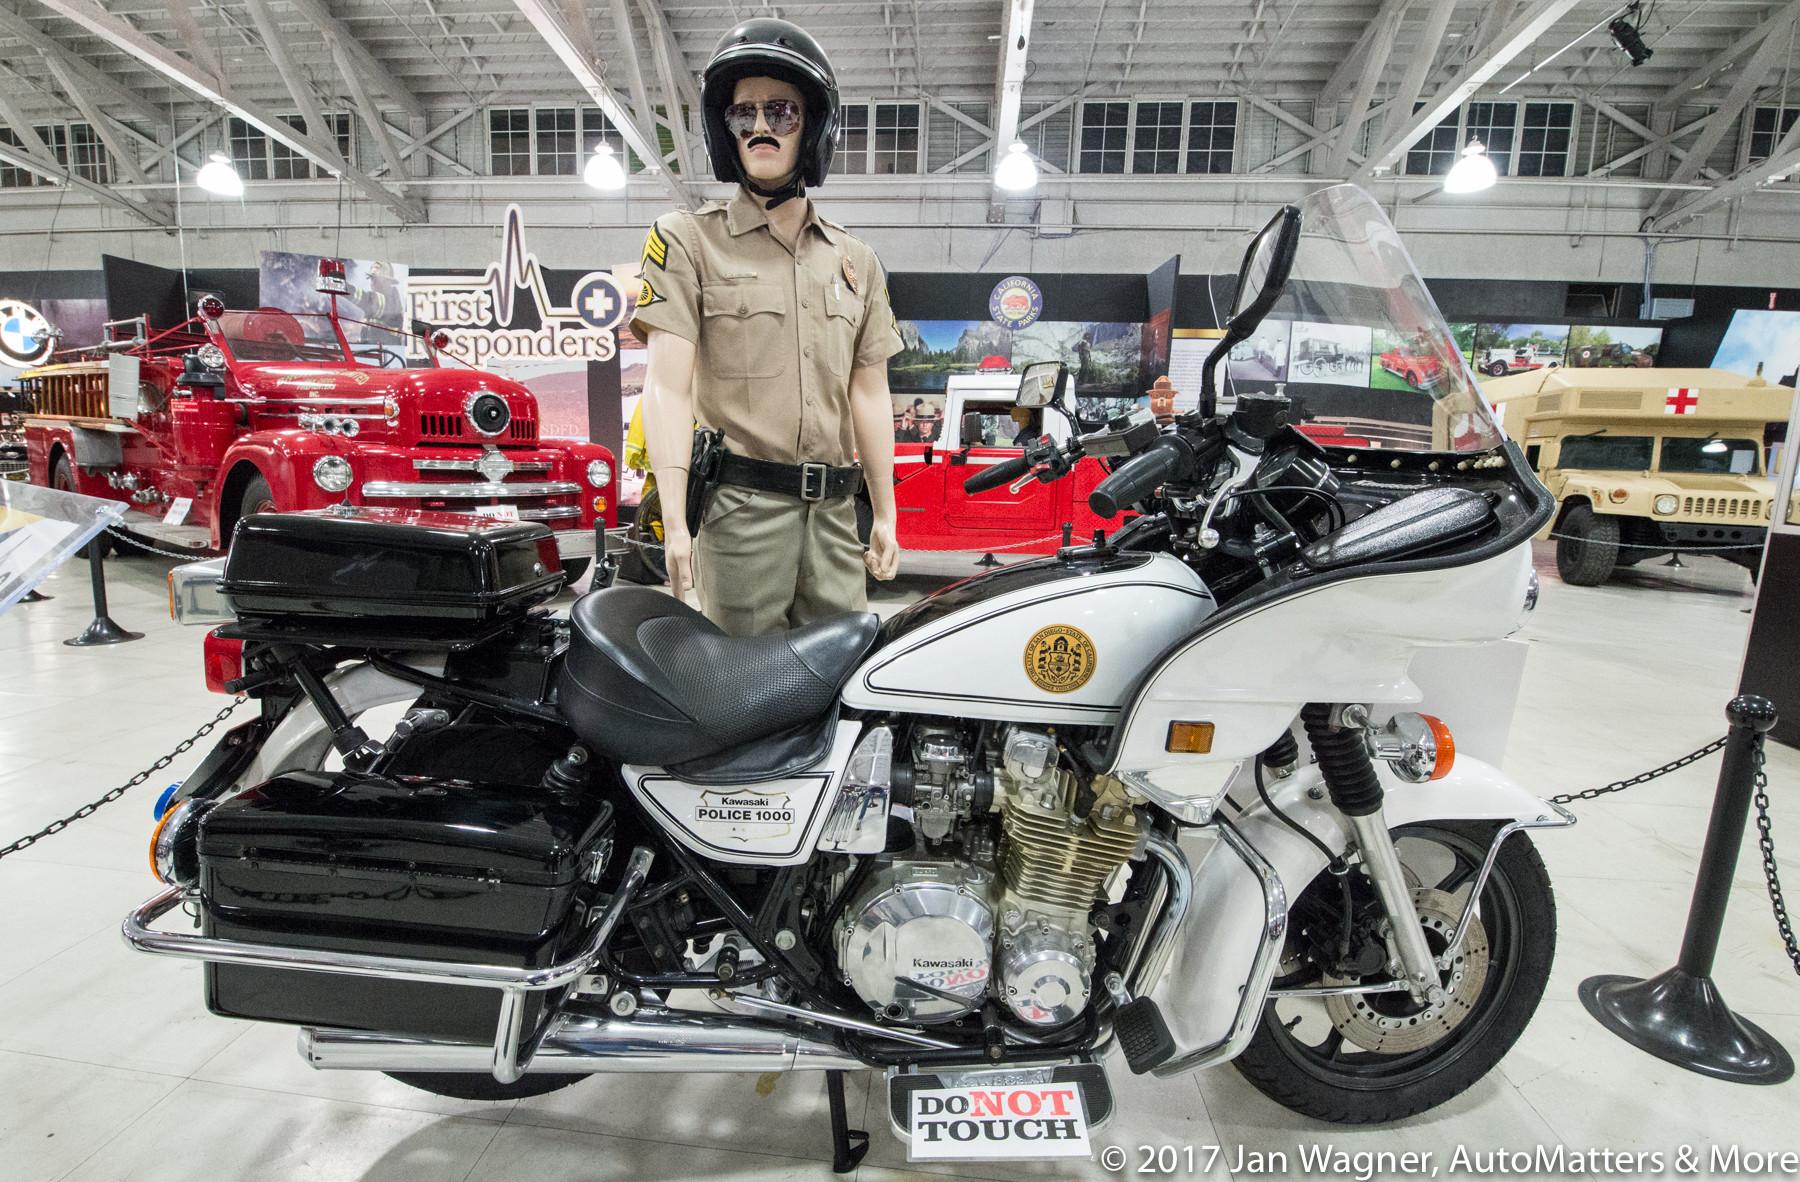 """1999 Kawasaki KZ1000 P-18 """"Police 1000"""" motorcycle"""